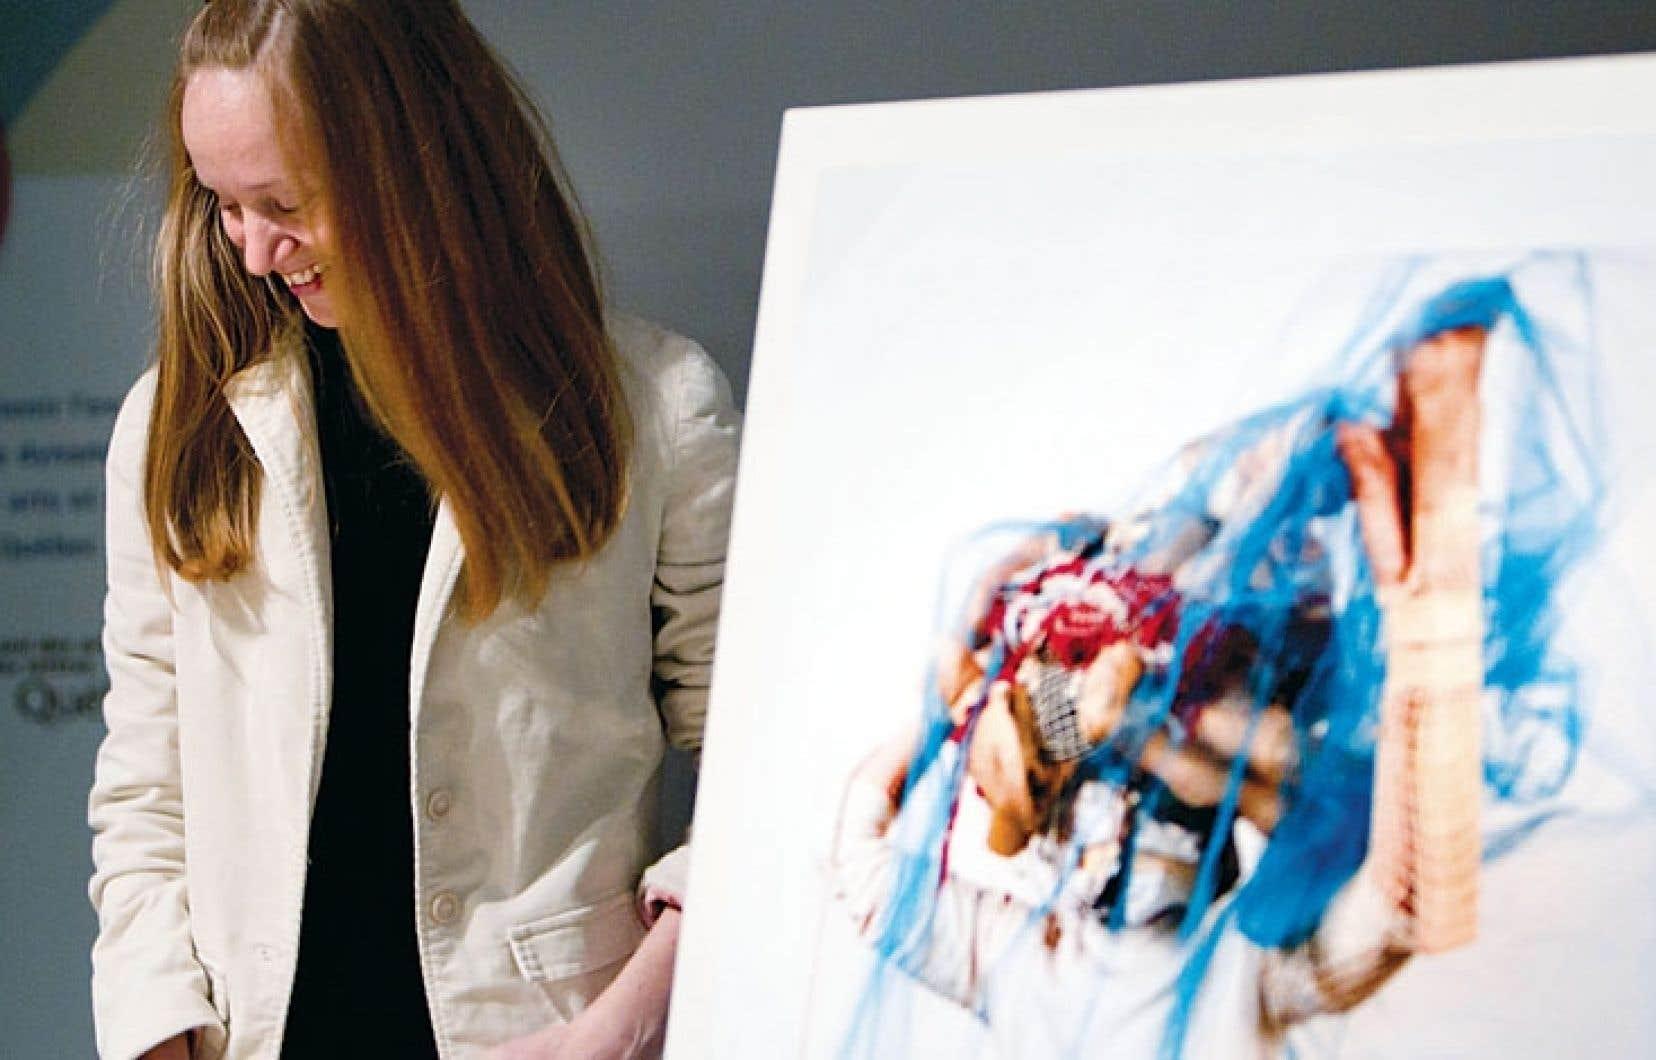 La performance de Raphaëlle de Groot découle de sa quête identitaire marquée par la collecte d'objets et par le recouvrement total de sa tête, comme le montre l'image à la gauche de l'artiste.